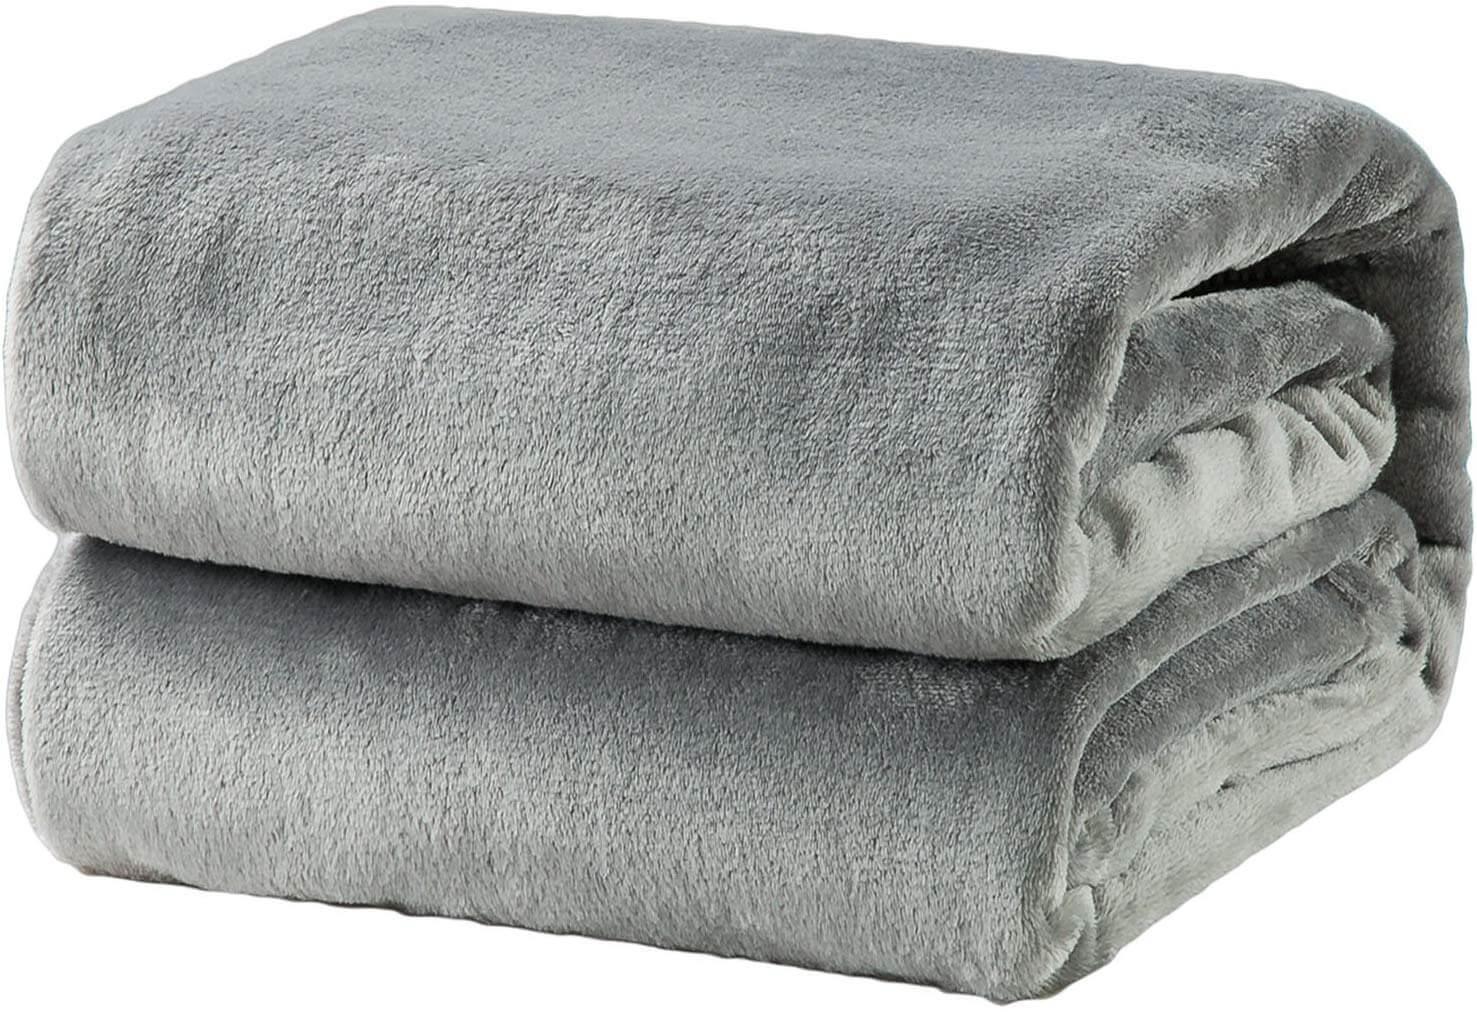 cozy home blanket fleece throw